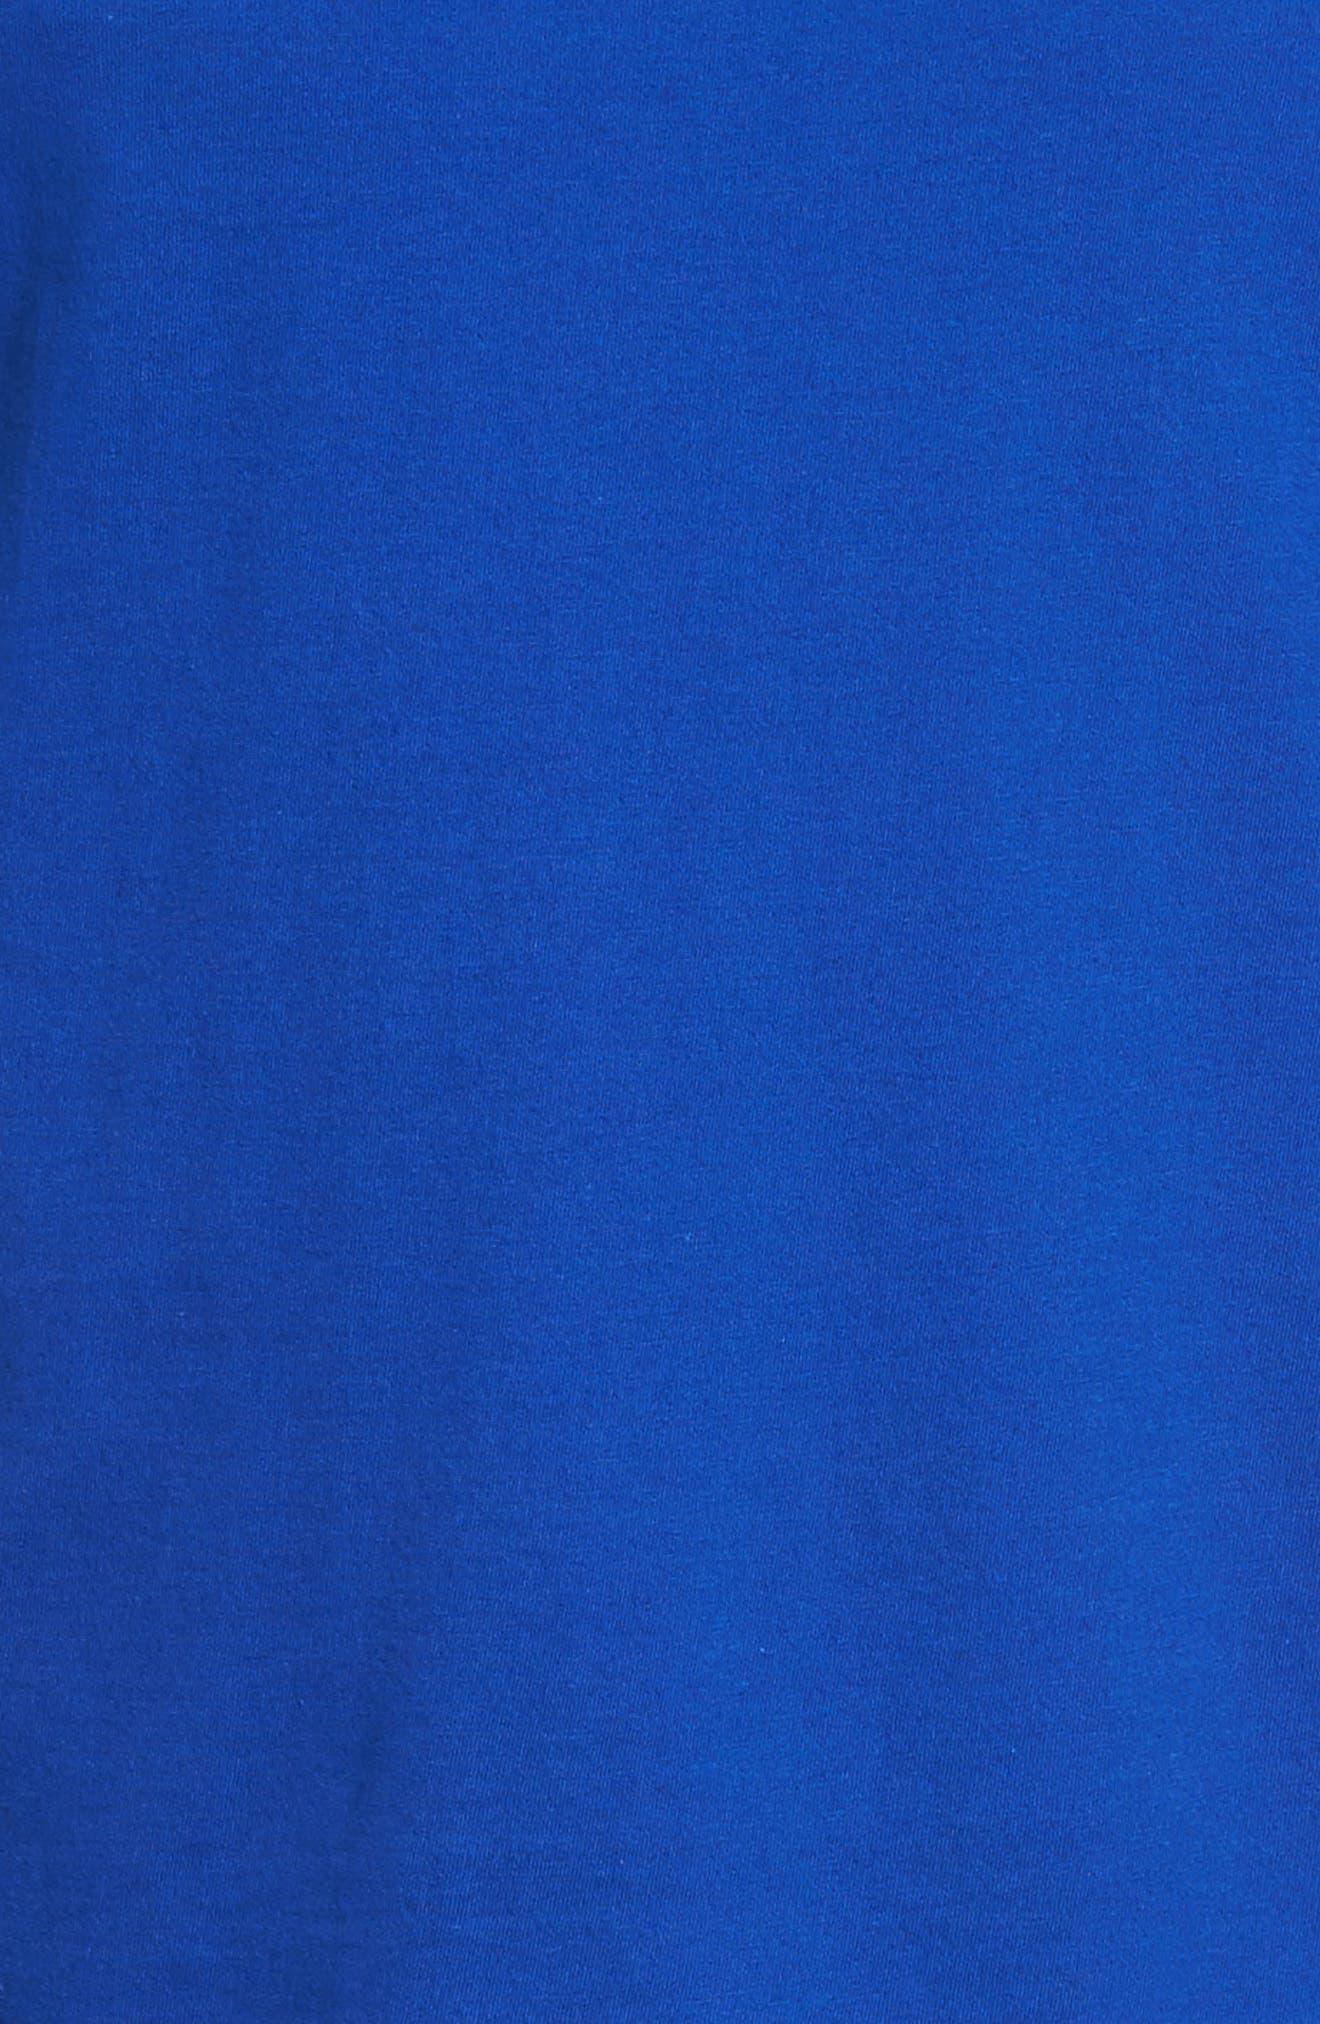 Alternate Image 2  - Polo Ralph Lauren 3-Pack Crewneck Cotton T-Shirts